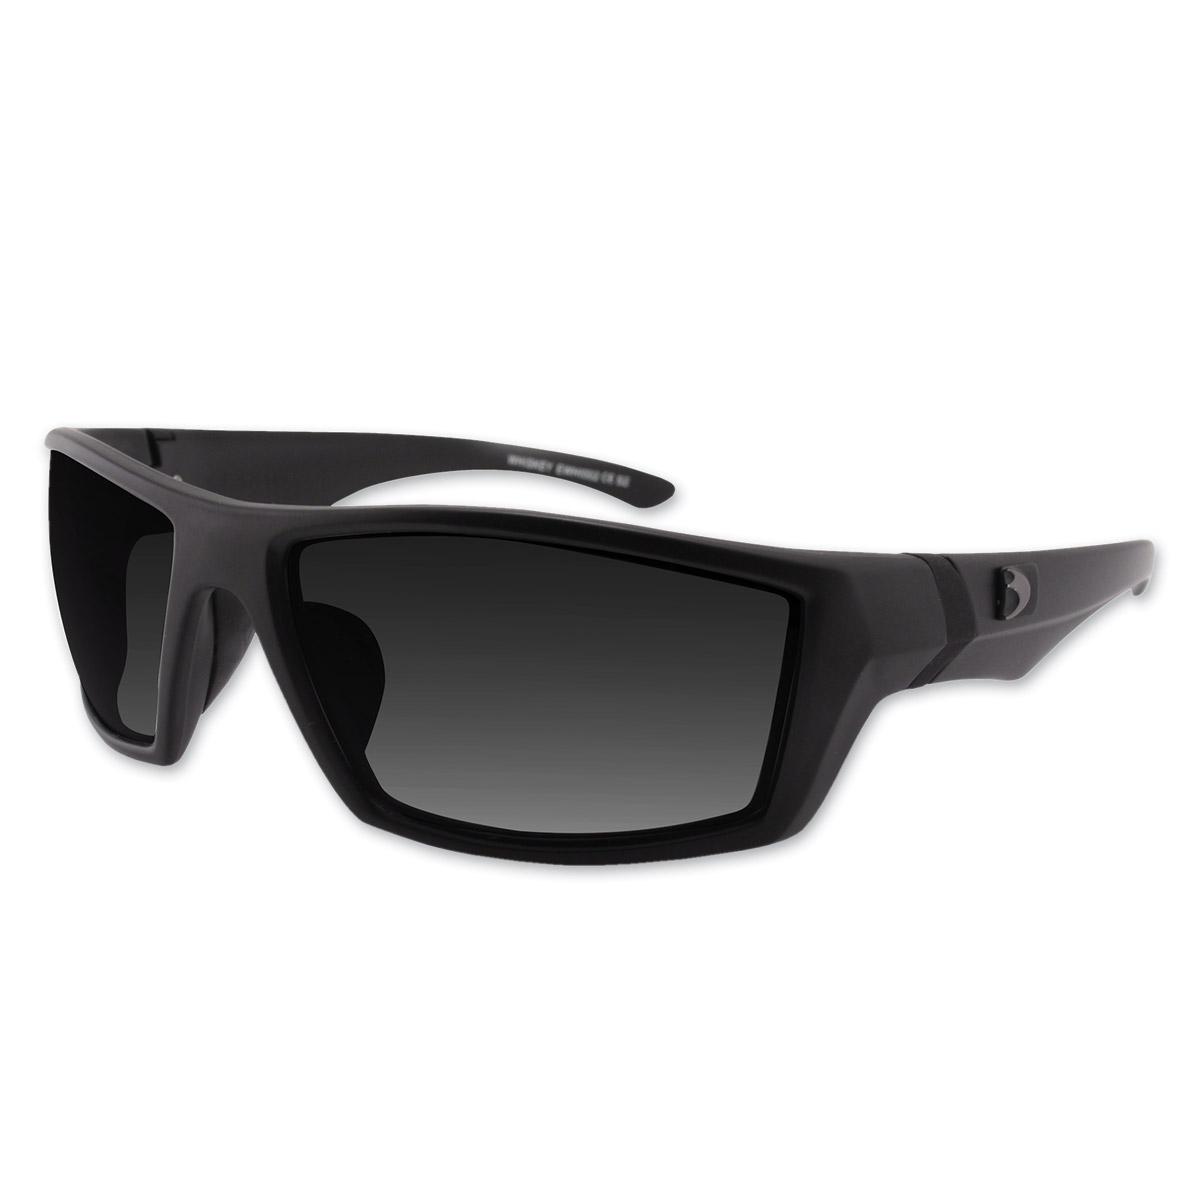 Bobster Whiskey Matte Black Frame Sunglasses w/Smoked Lenses | 207 ...